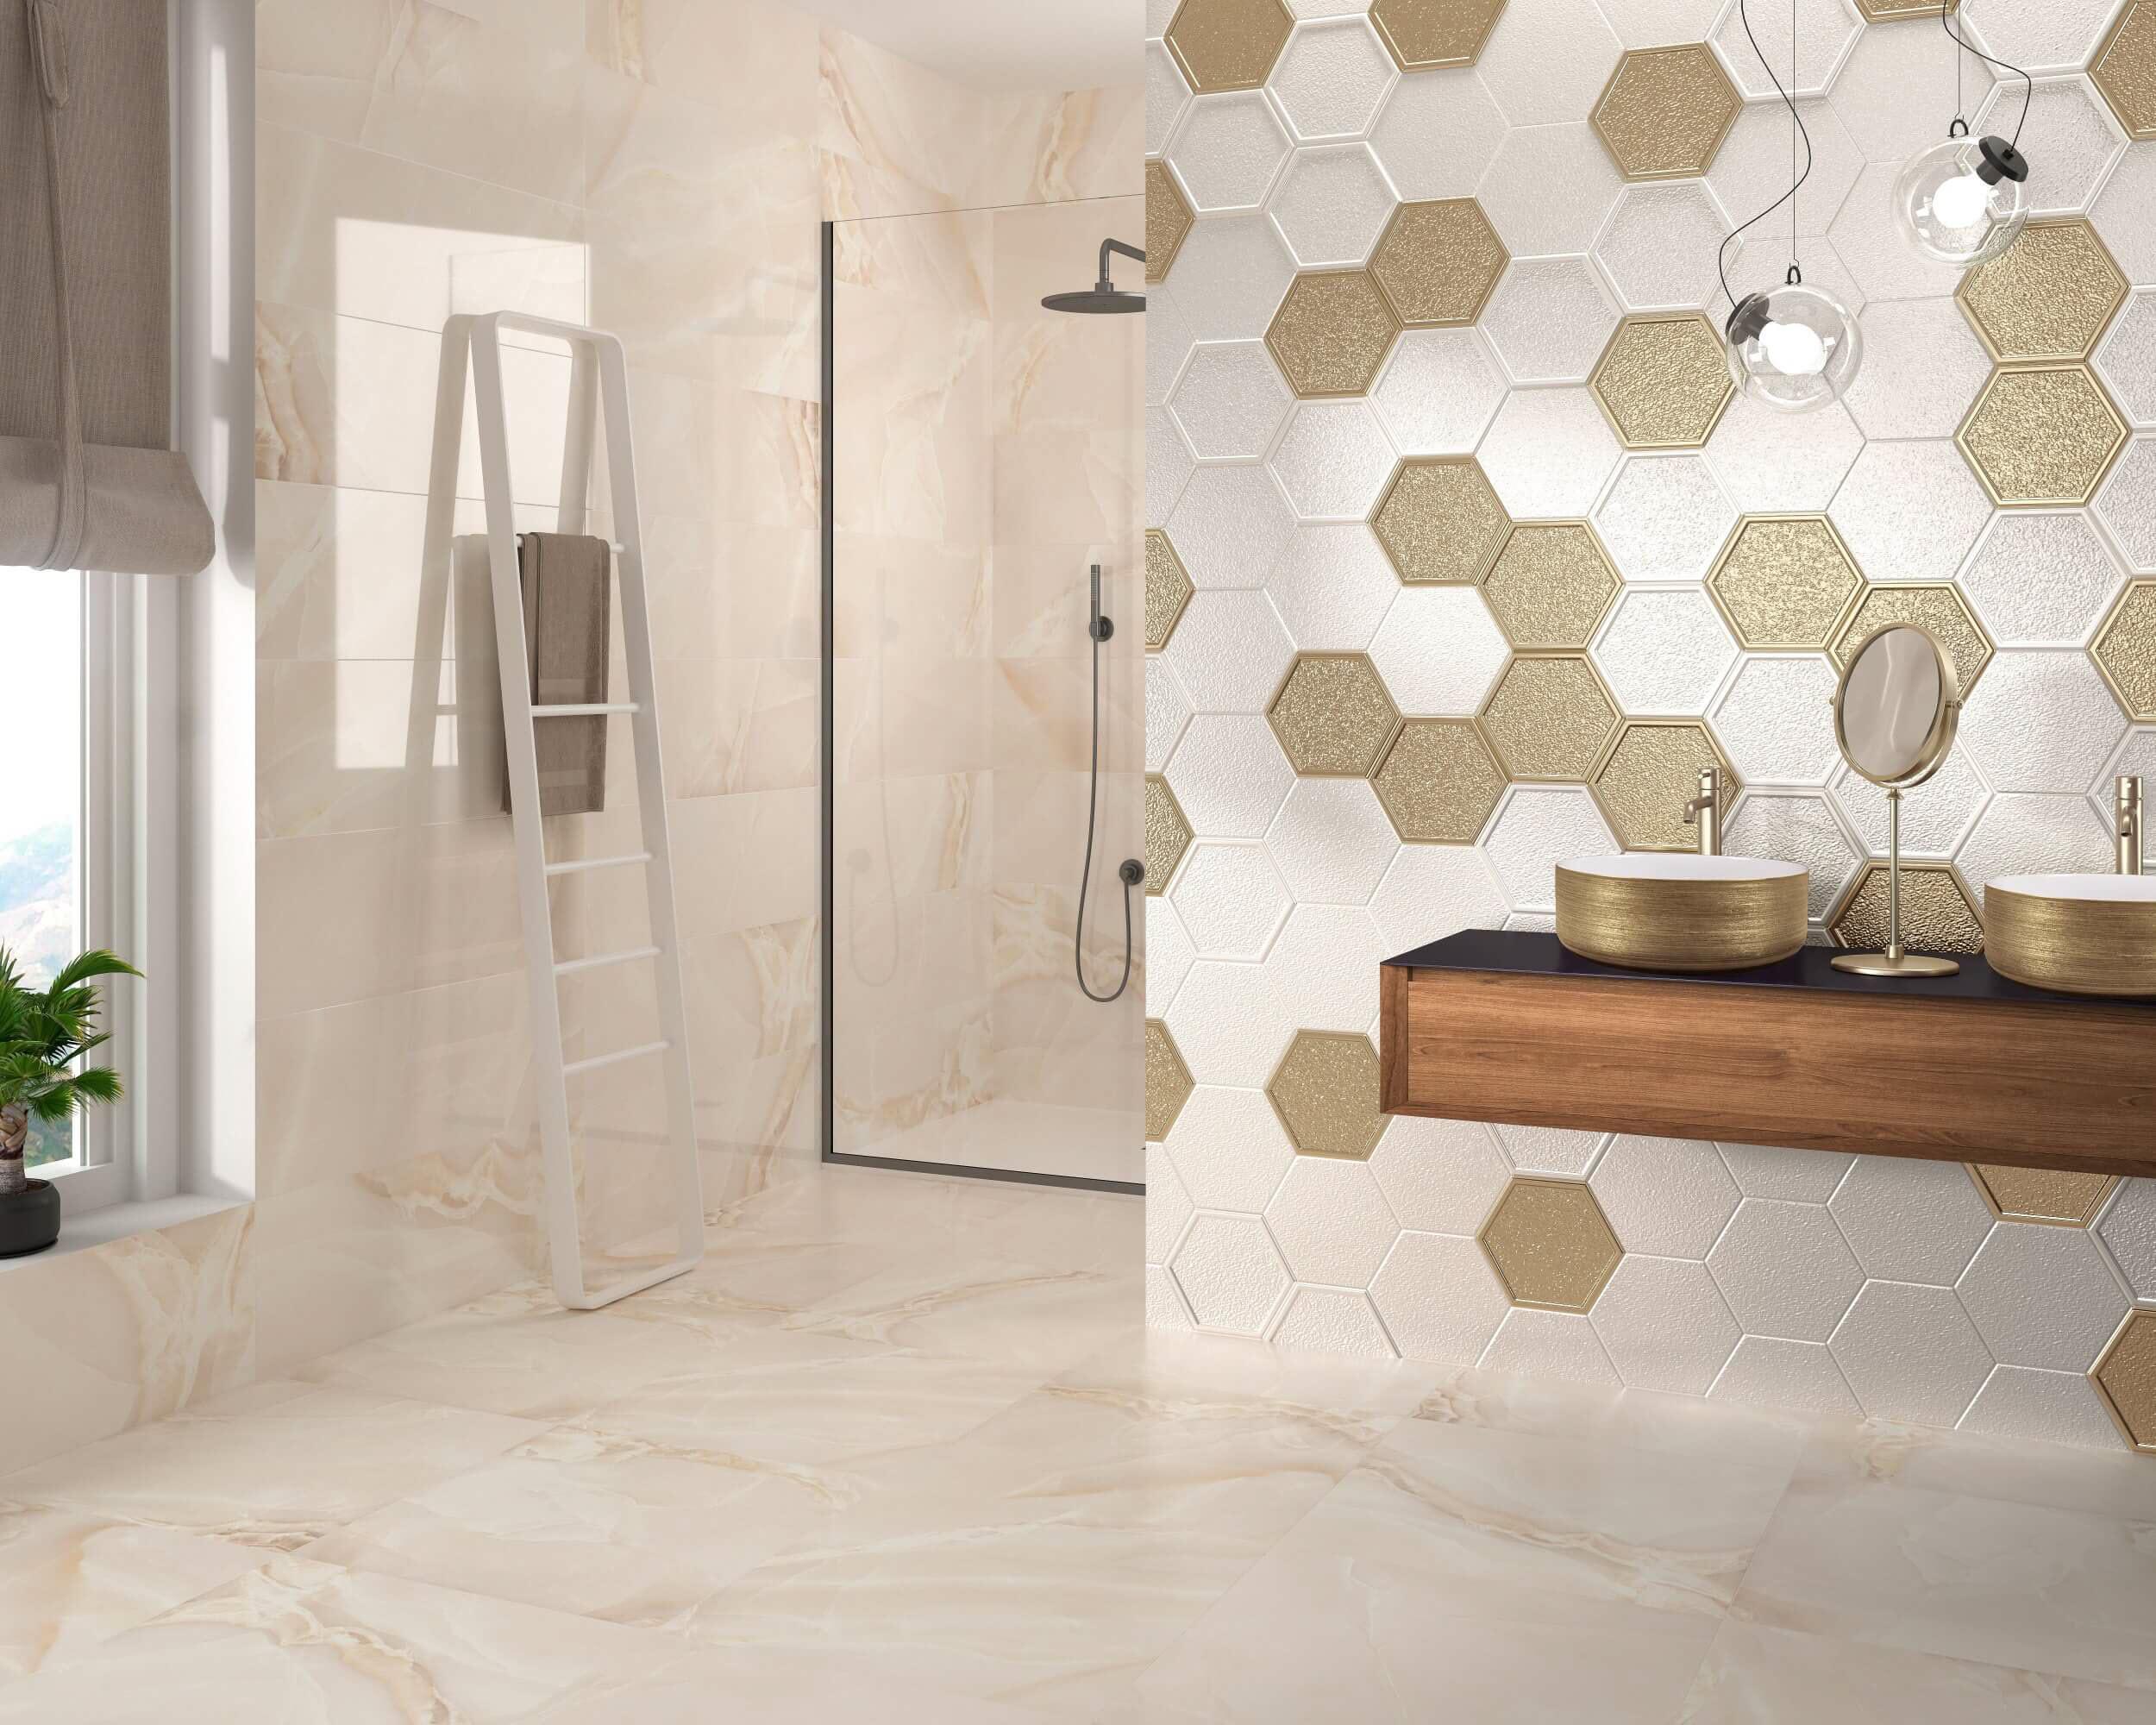 סדרת אריחי קיר צורות מג'סטיק